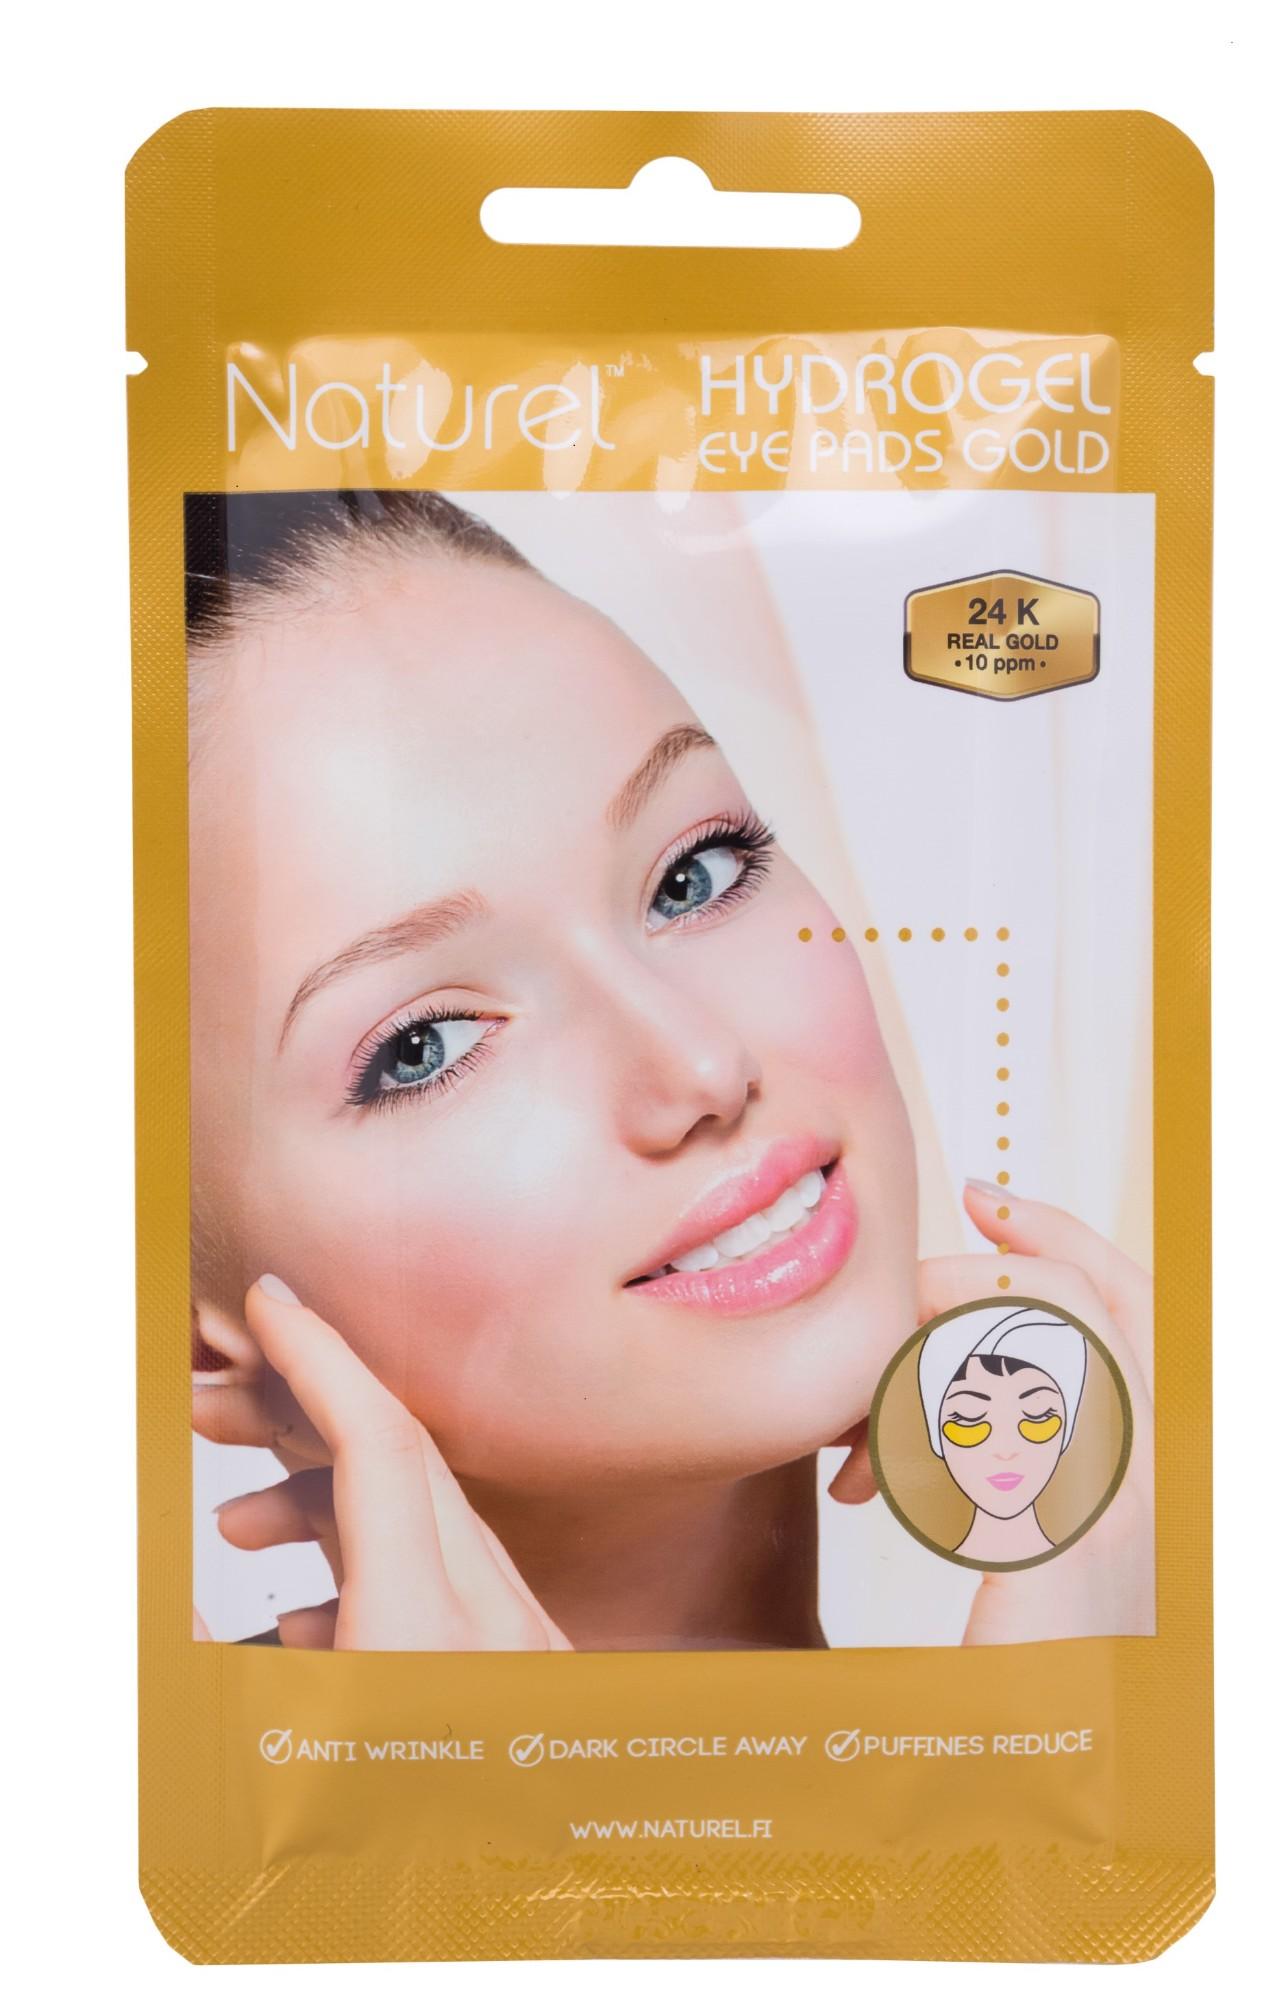 Mažinanti raukšles ir šviesinanti patamsėjimus hidrogelio paakių kaukė Naturel su 24K auksu, 3g